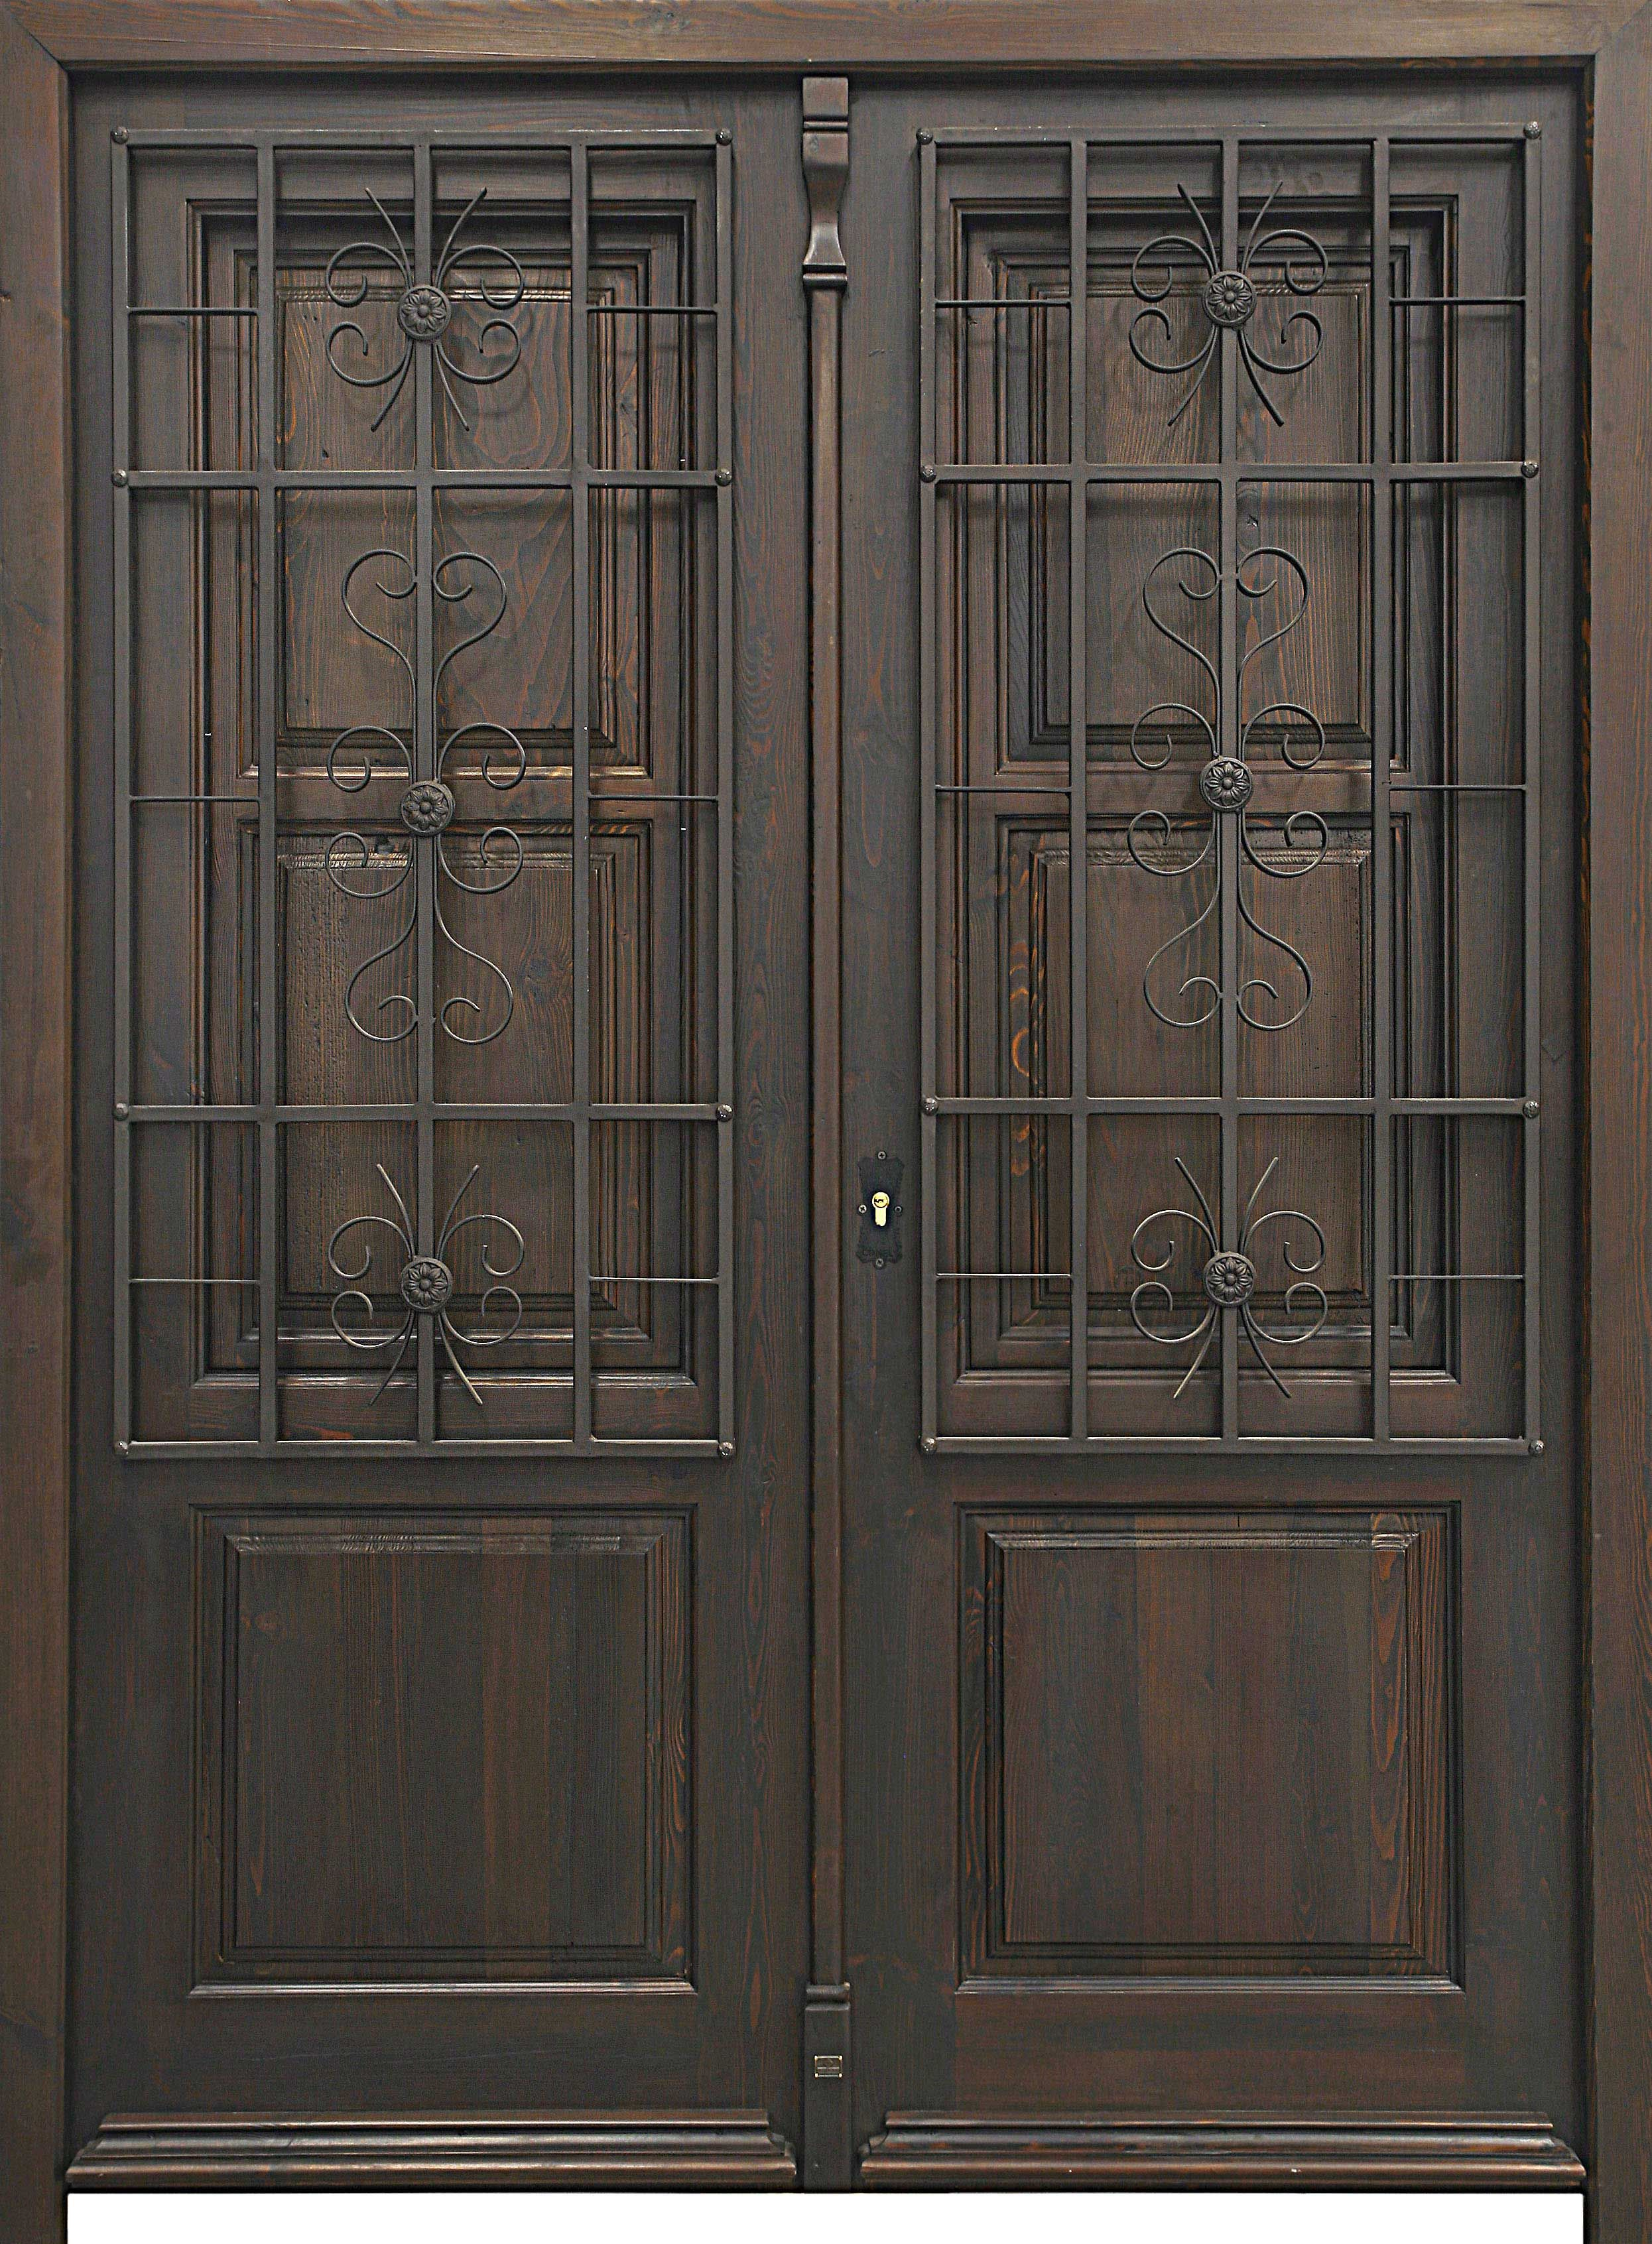 Araceli doble postigos de madera cerradura de seguridad - Puertas madera antiguas ...